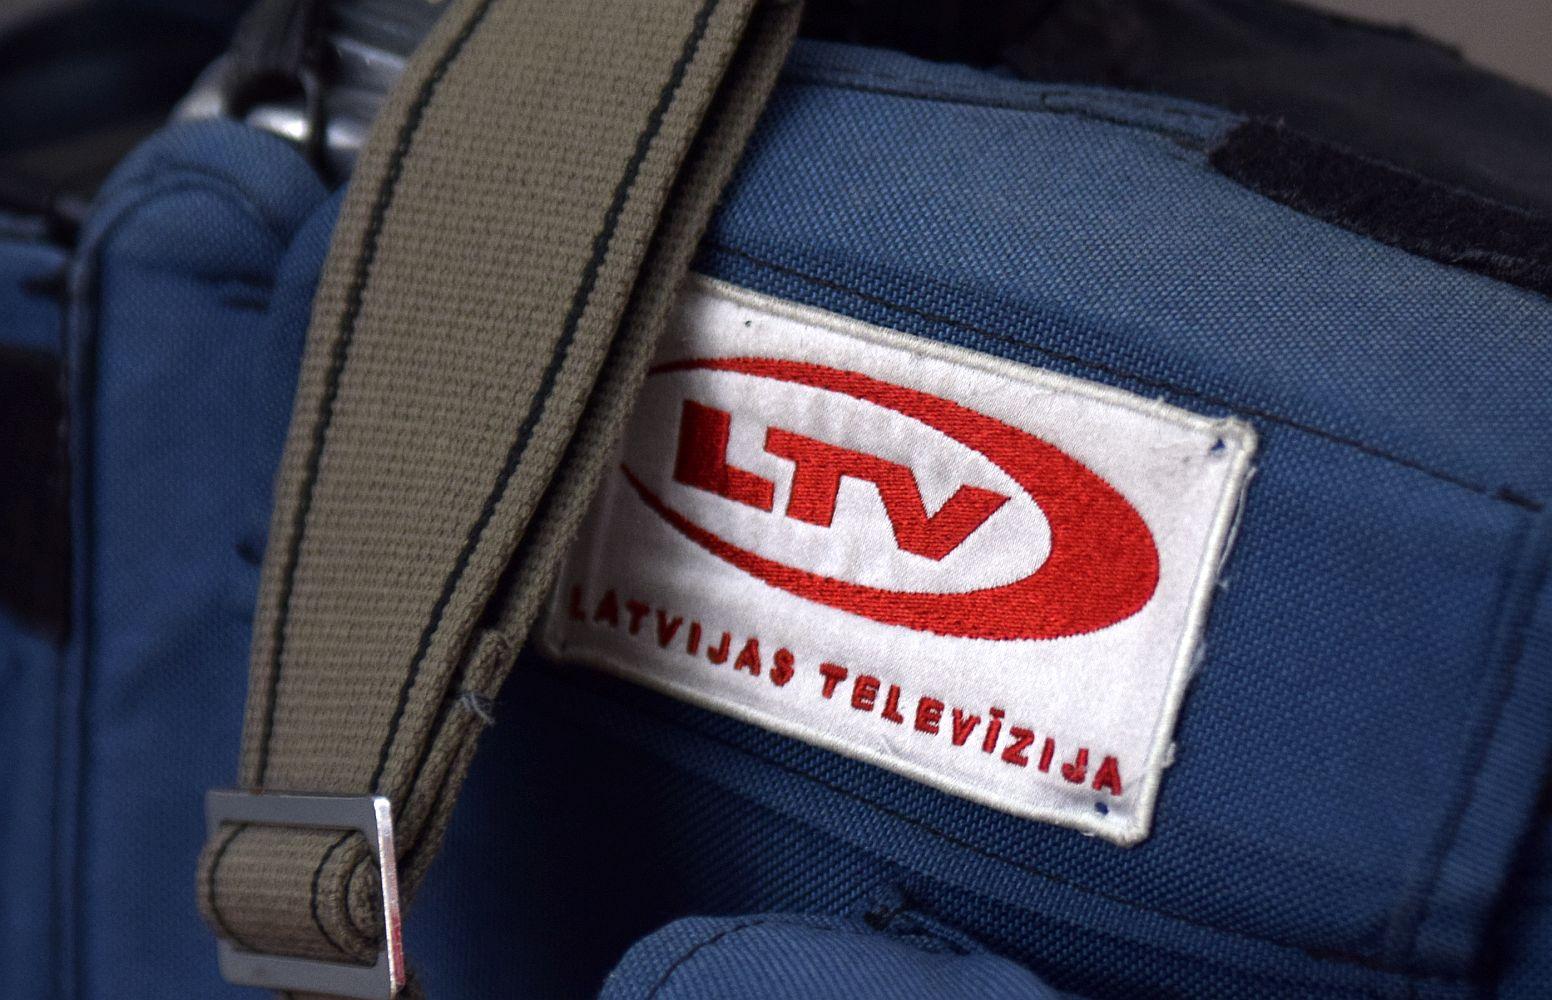 Латвийское телевидение уволило сотрудника, устроившего телемост сканаломRT